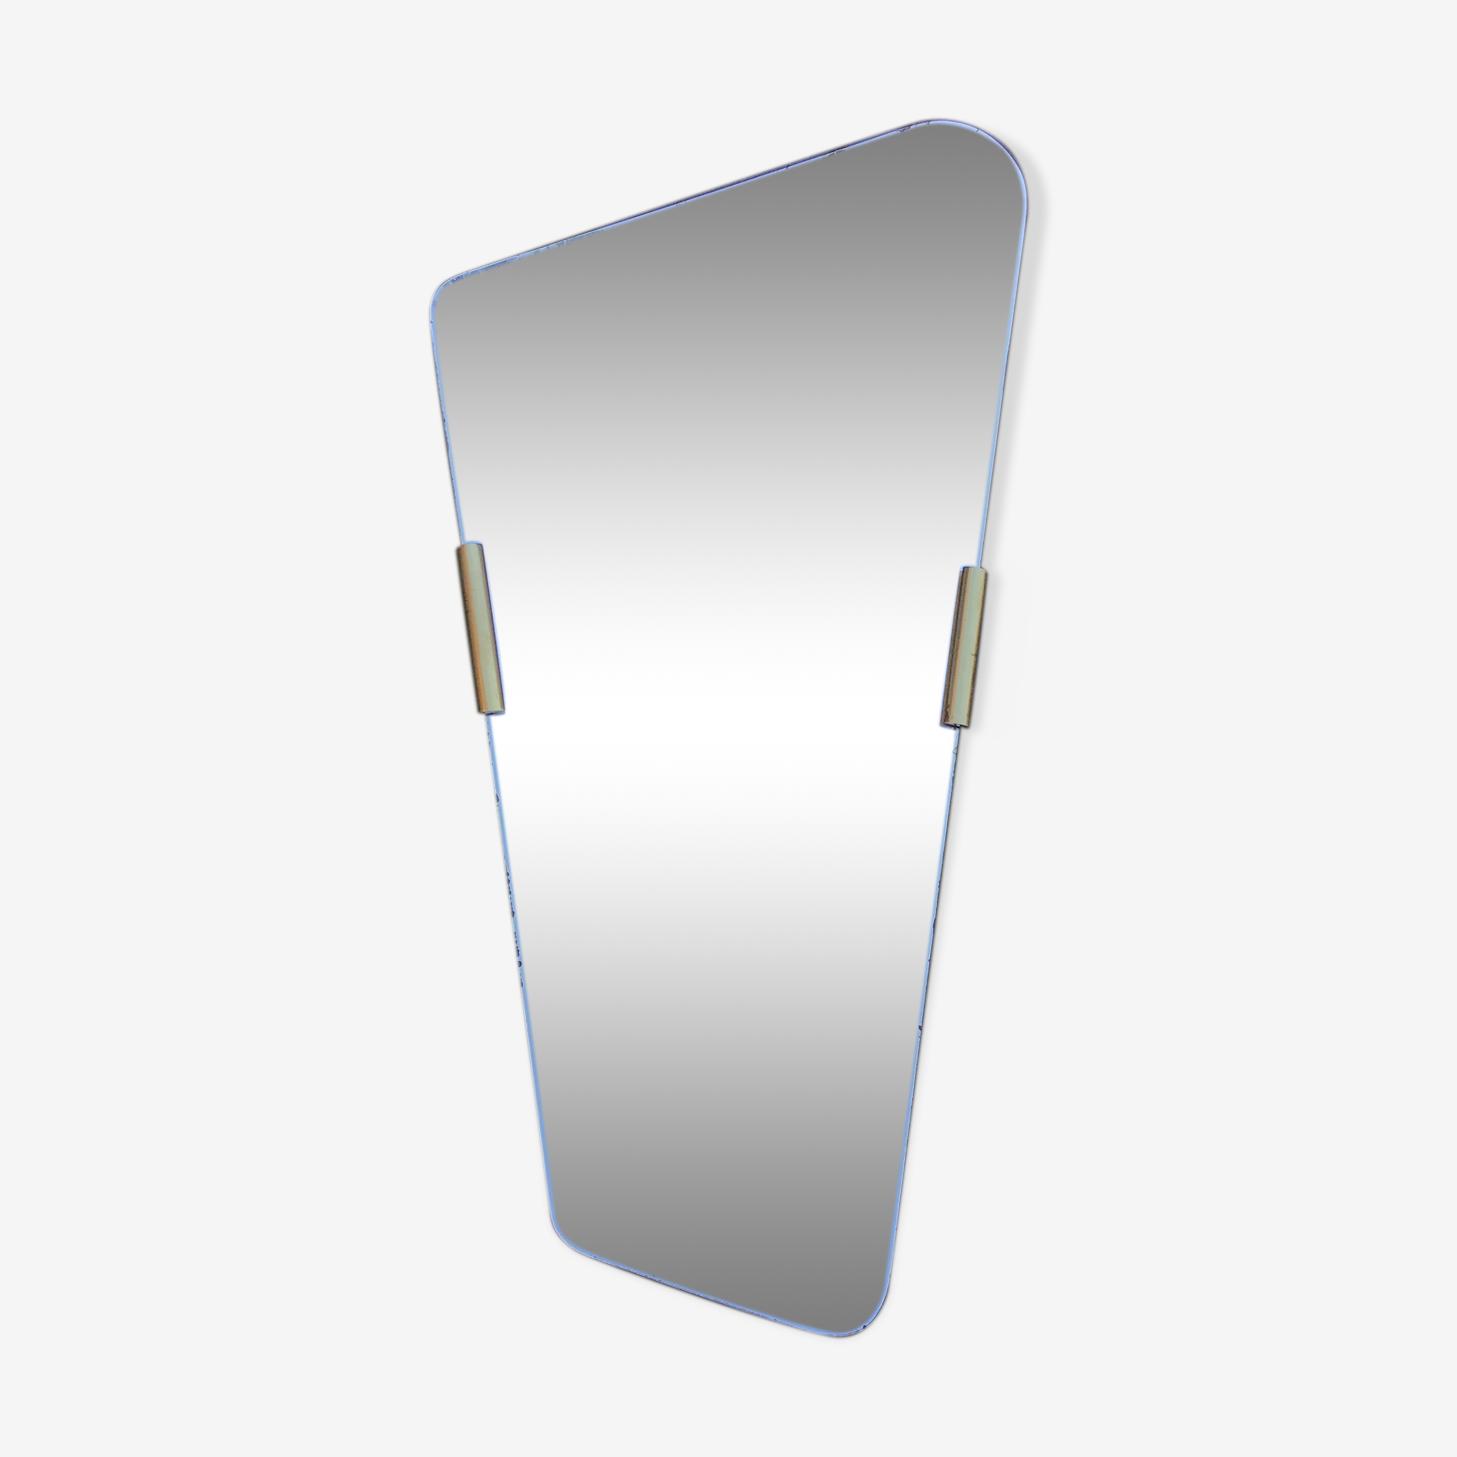 Miroir rétroviseur, 38x69cm